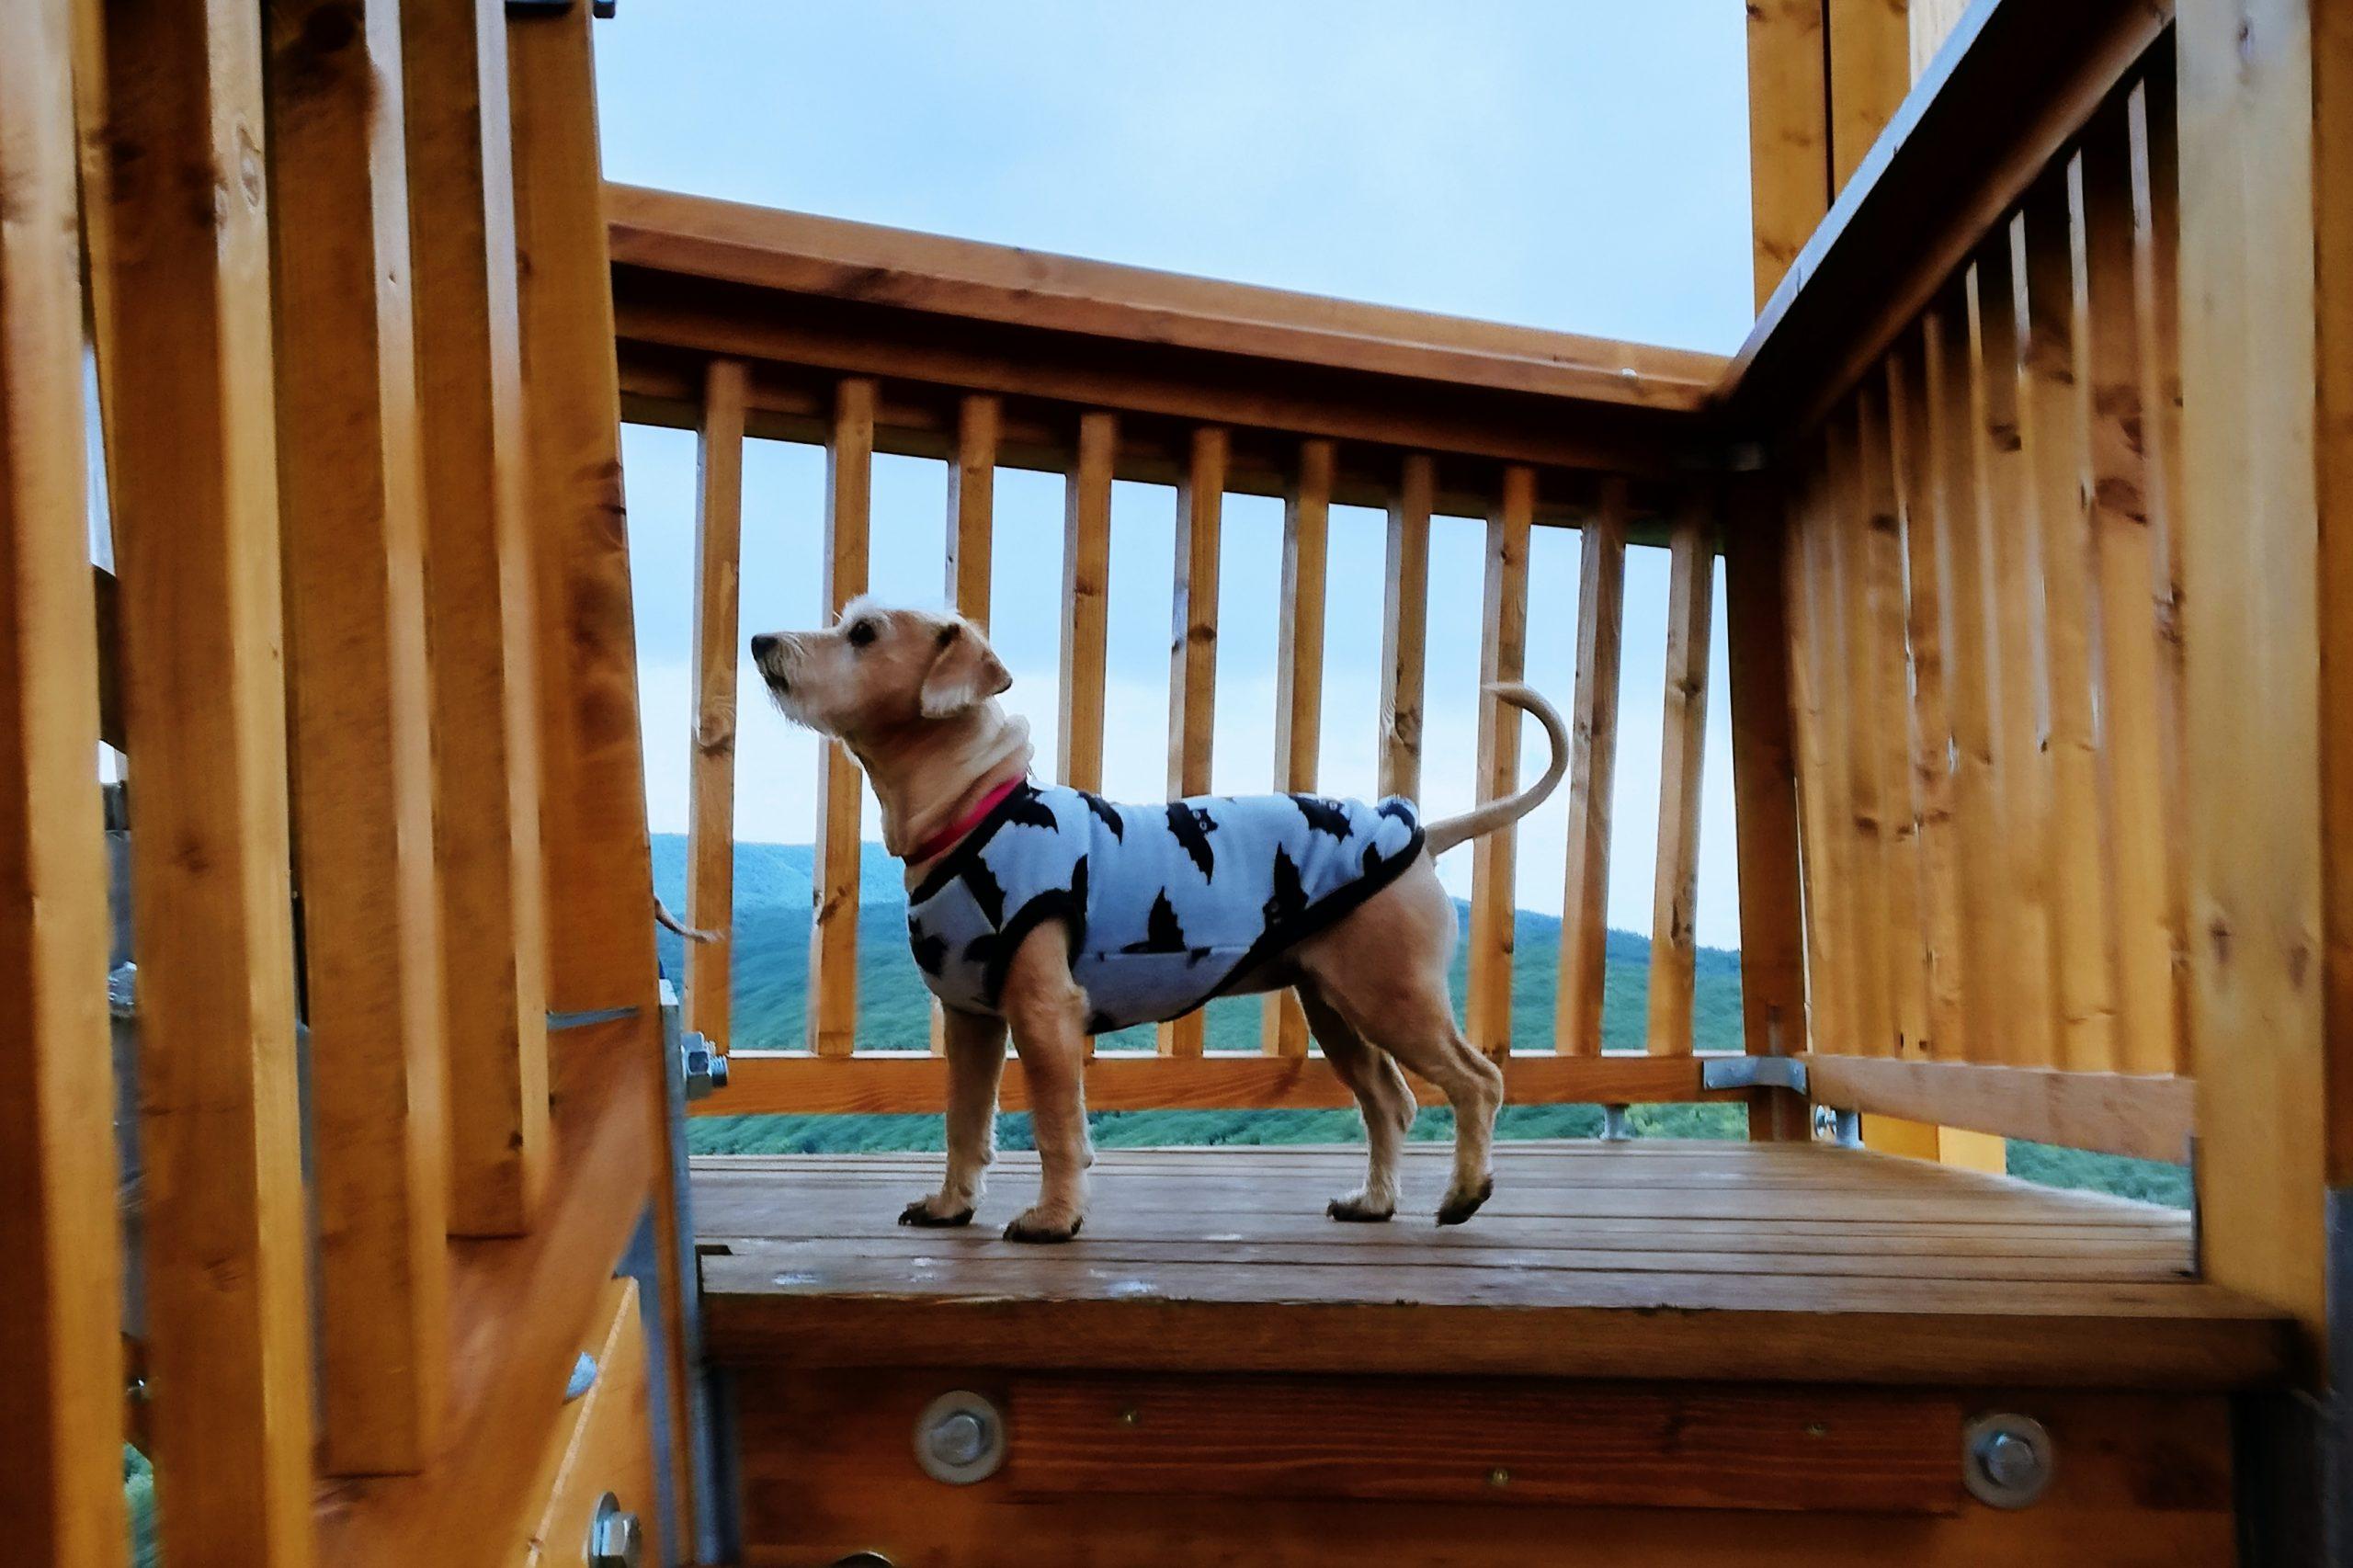 Kiránduljunk kutyával: Erdei séta a Királyrét új kilátójához